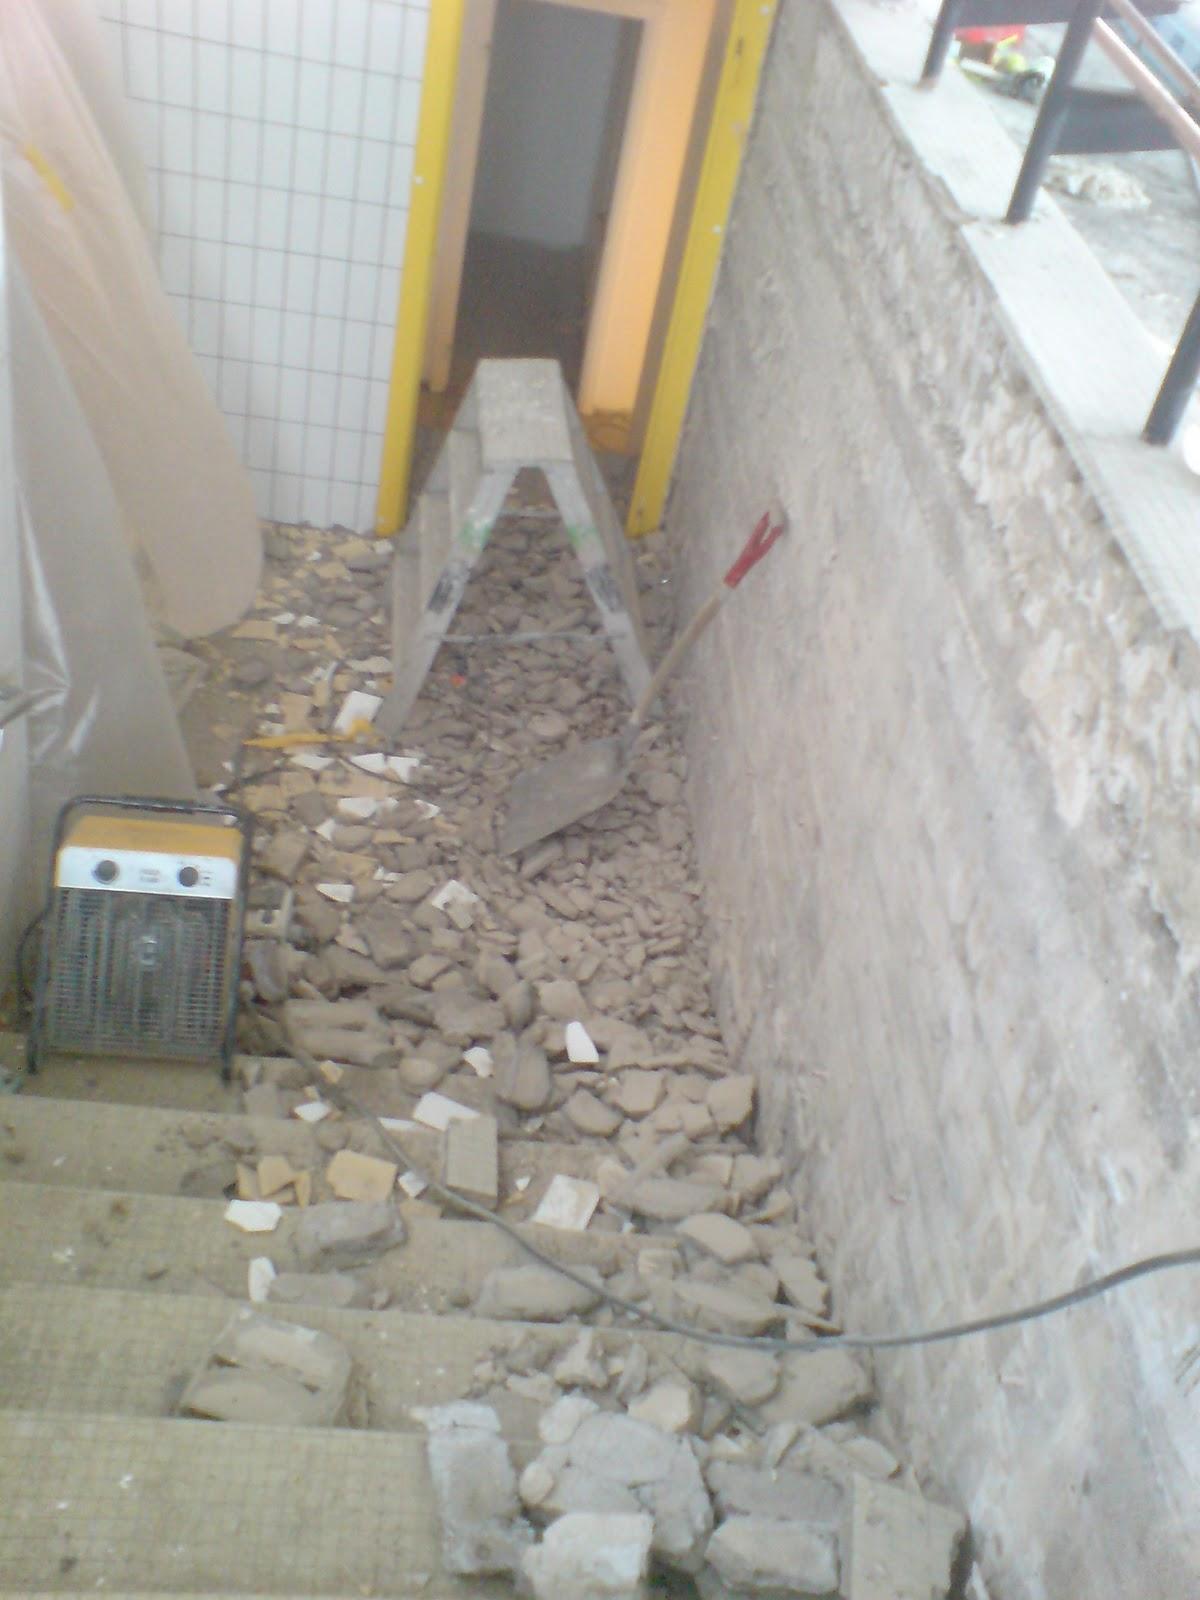 slamning av vägg